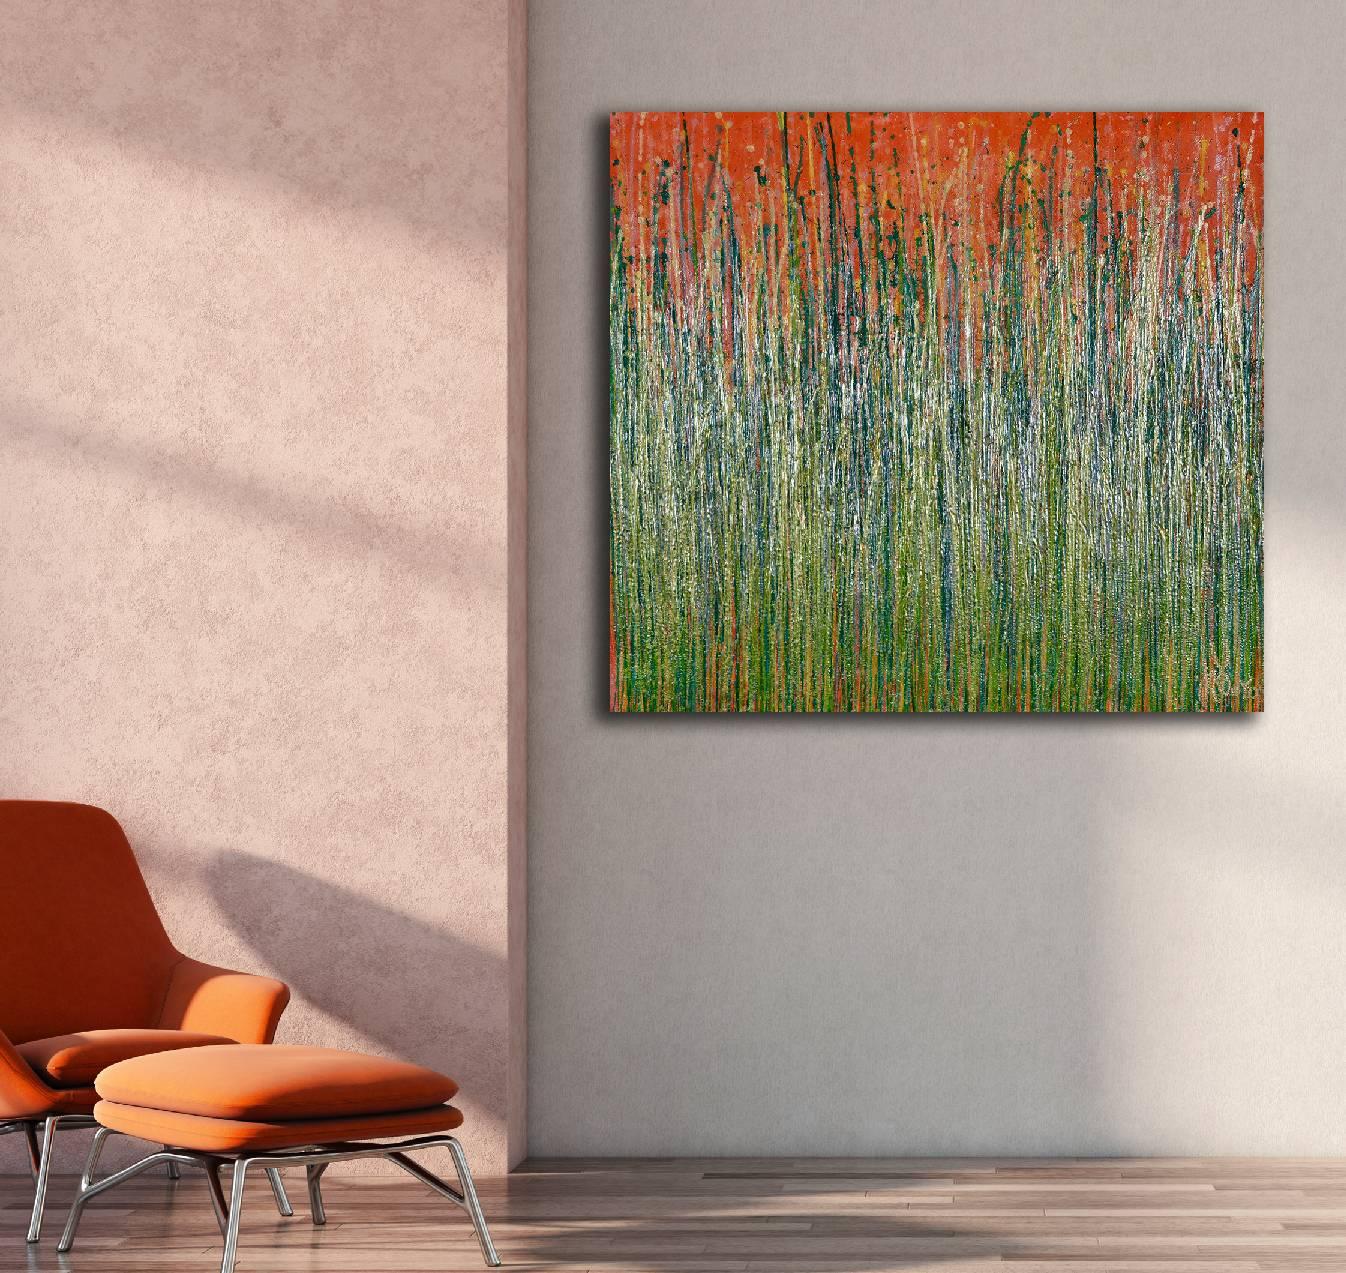 Room View - Daydream panorama (Natures imagery) 18 (2020) by Nestor Toro